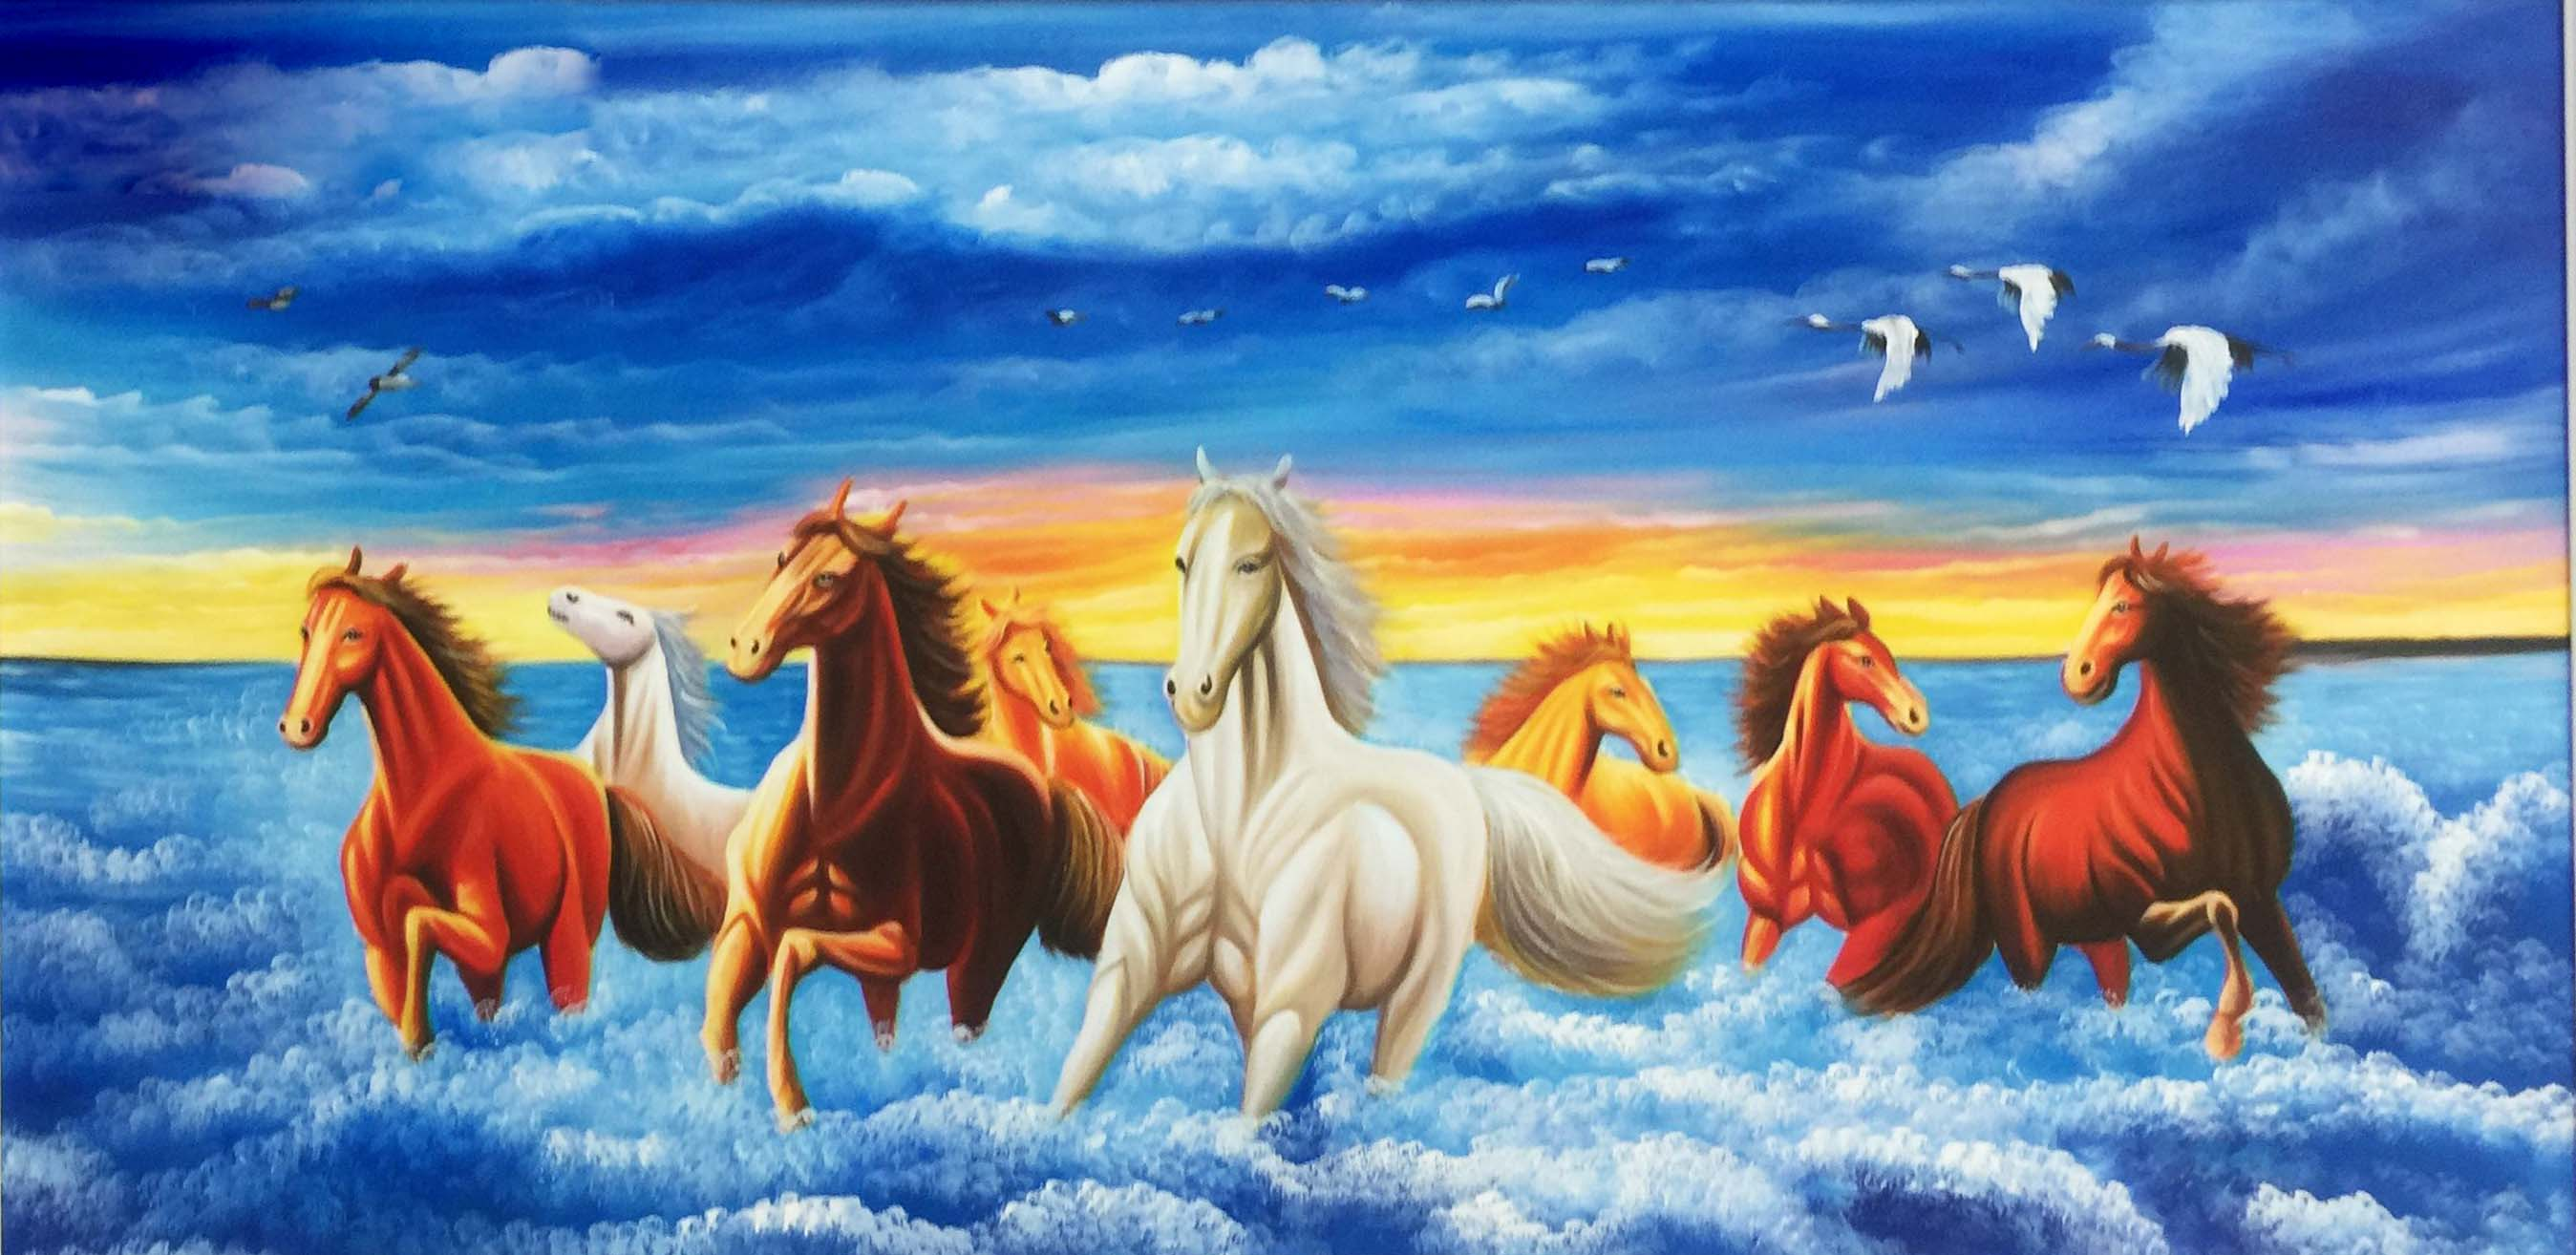 Tranh Ngựa Mã Đáo Thành Công Hợp Với Người Mệnh Thủy